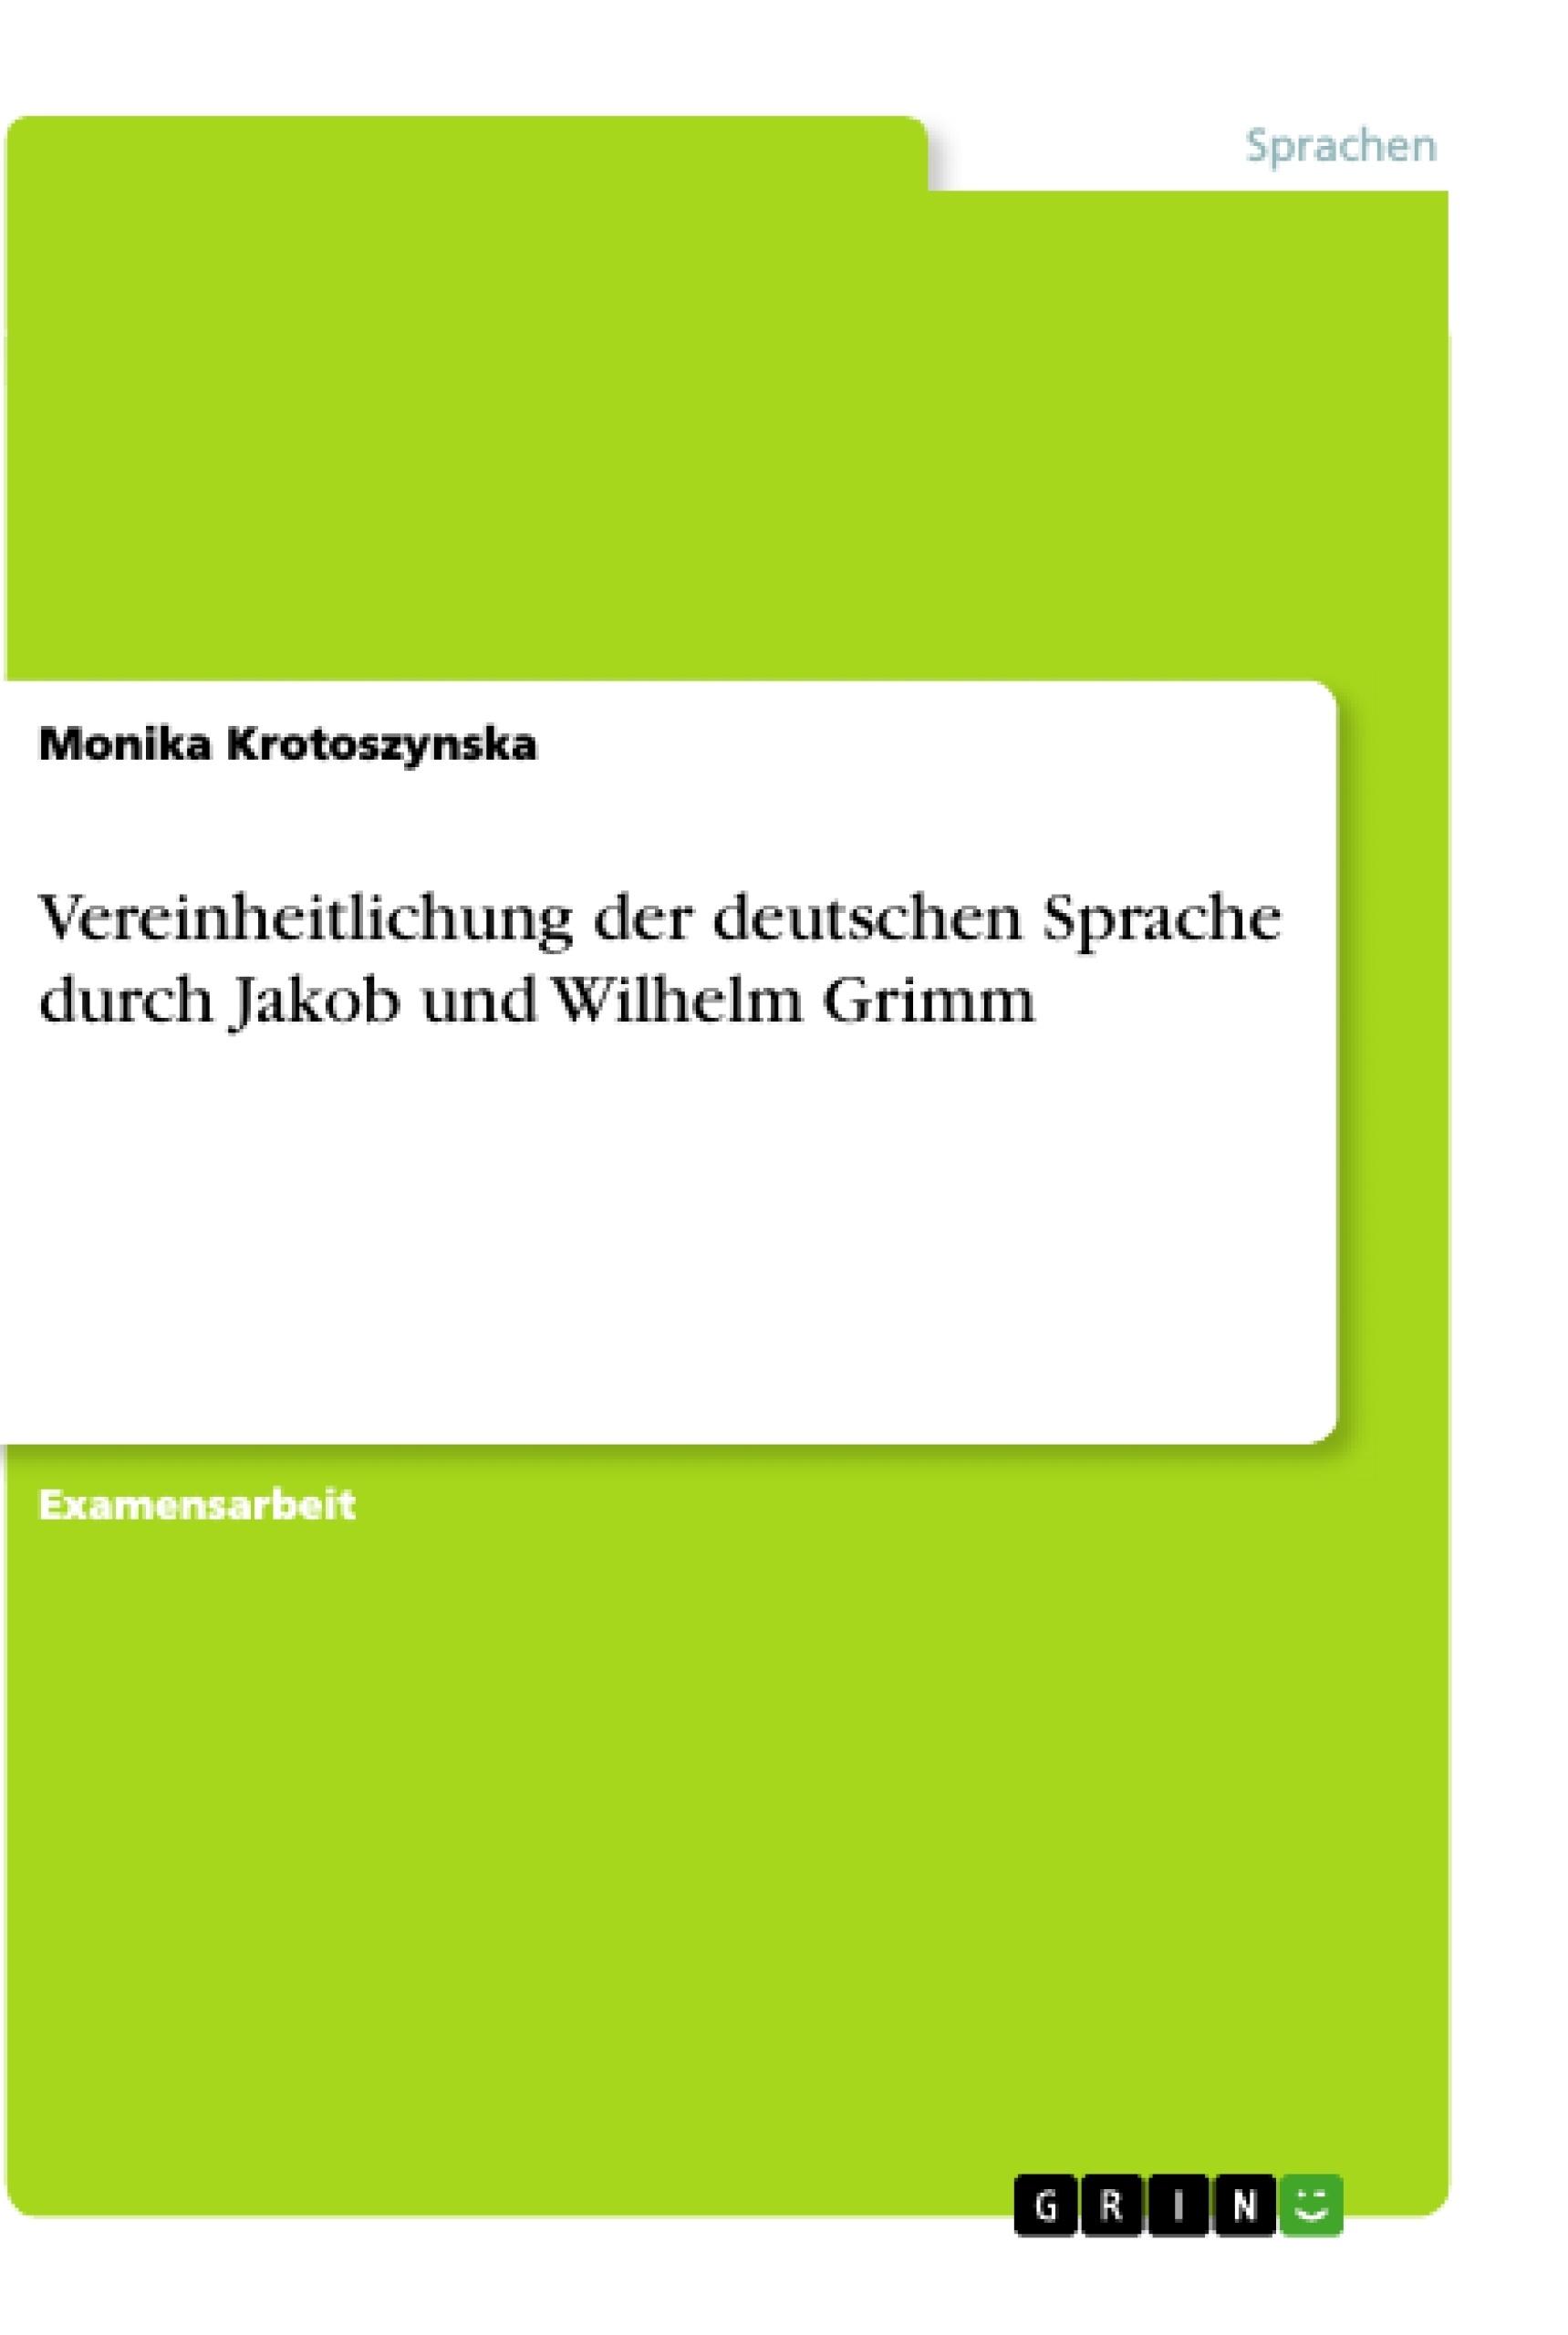 Titel: Vereinheitlichung der deutschen Sprache durch Jakob und Wilhelm Grimm